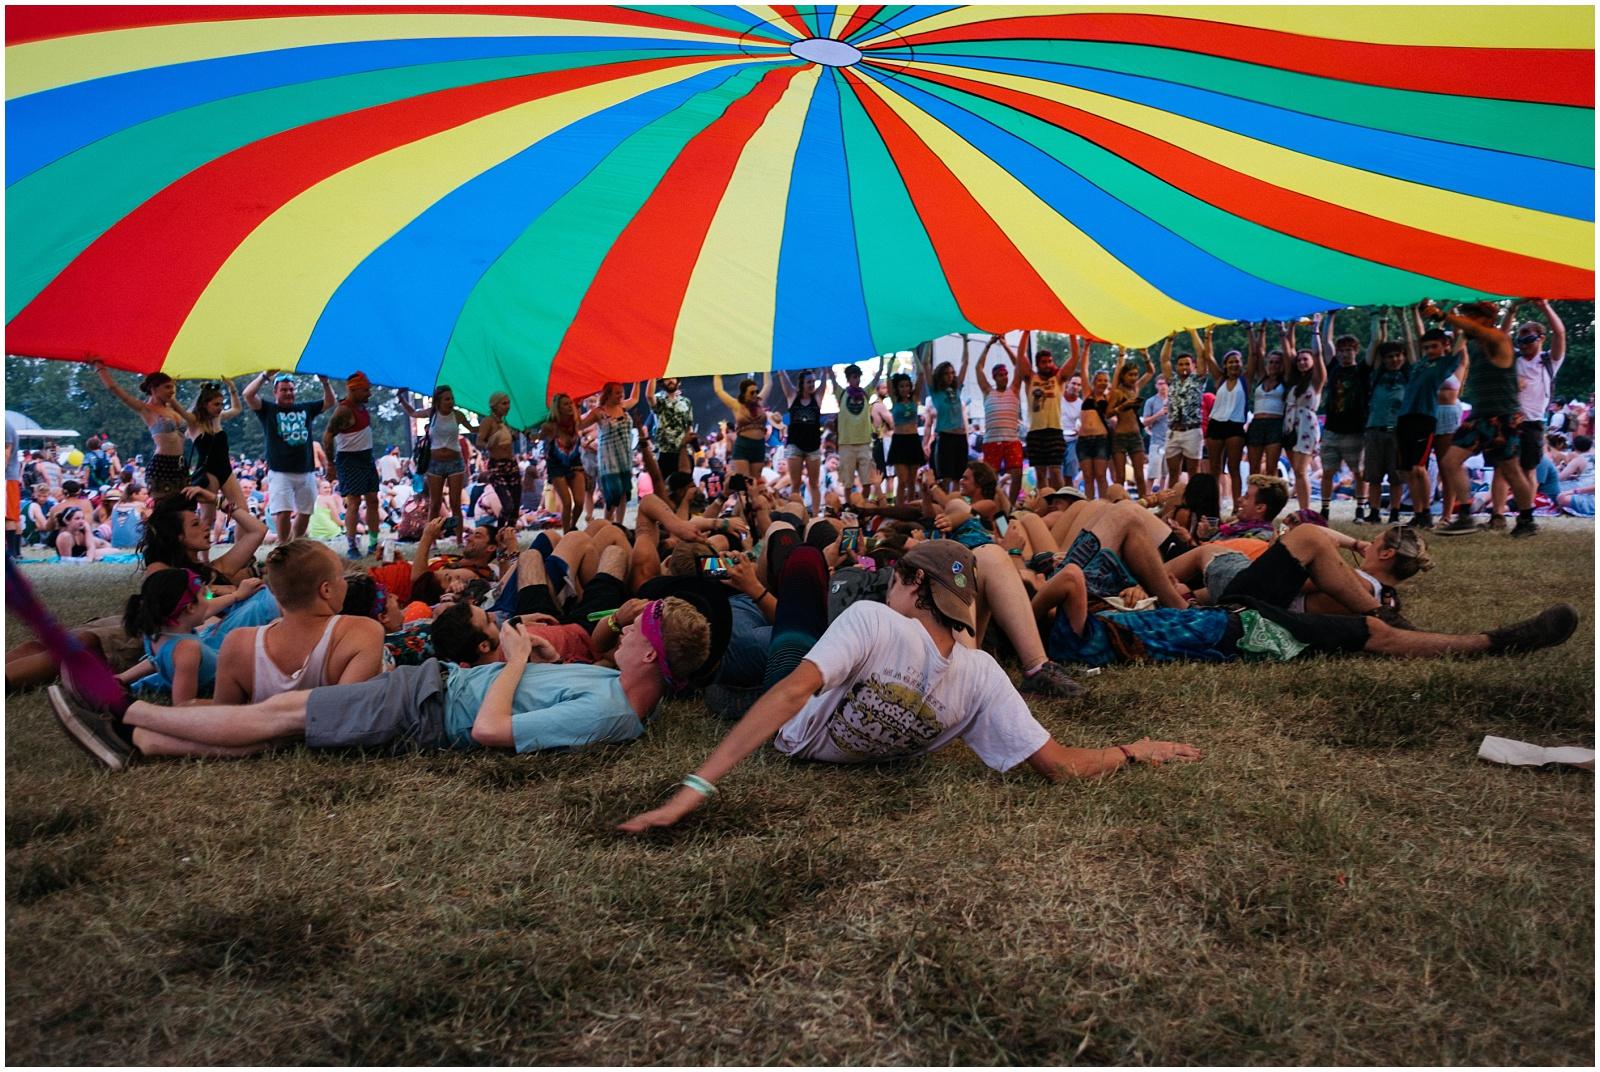 People under parachute at Bonnaroo near Nashville TN